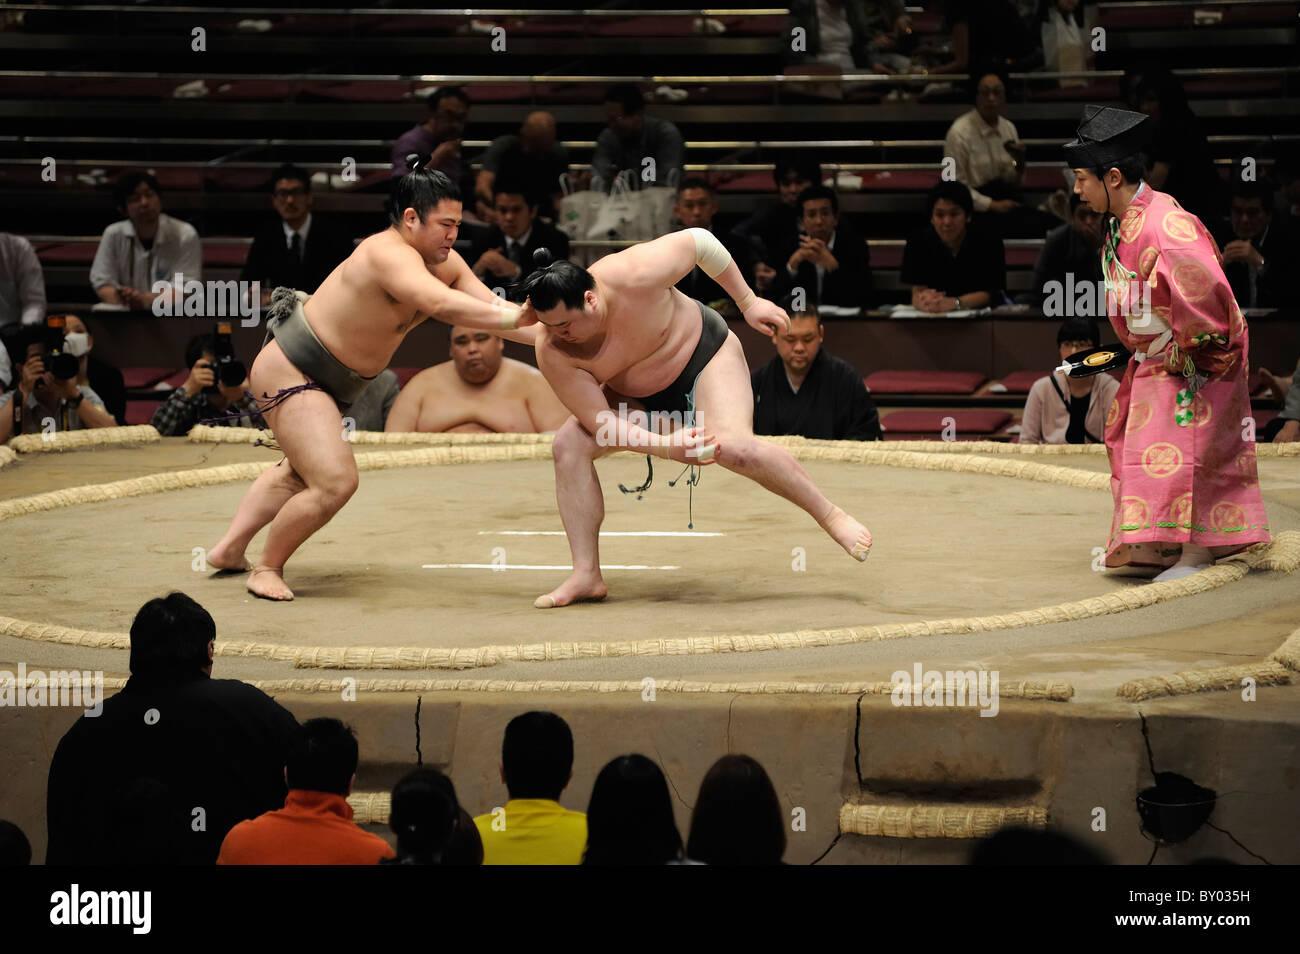 Lottatore di Sumo spingendo avversario durante bout, Grandi Campionati di Sumo maggio 2010, Ryogoku Kokugikan, Tokyo, Immagini Stock